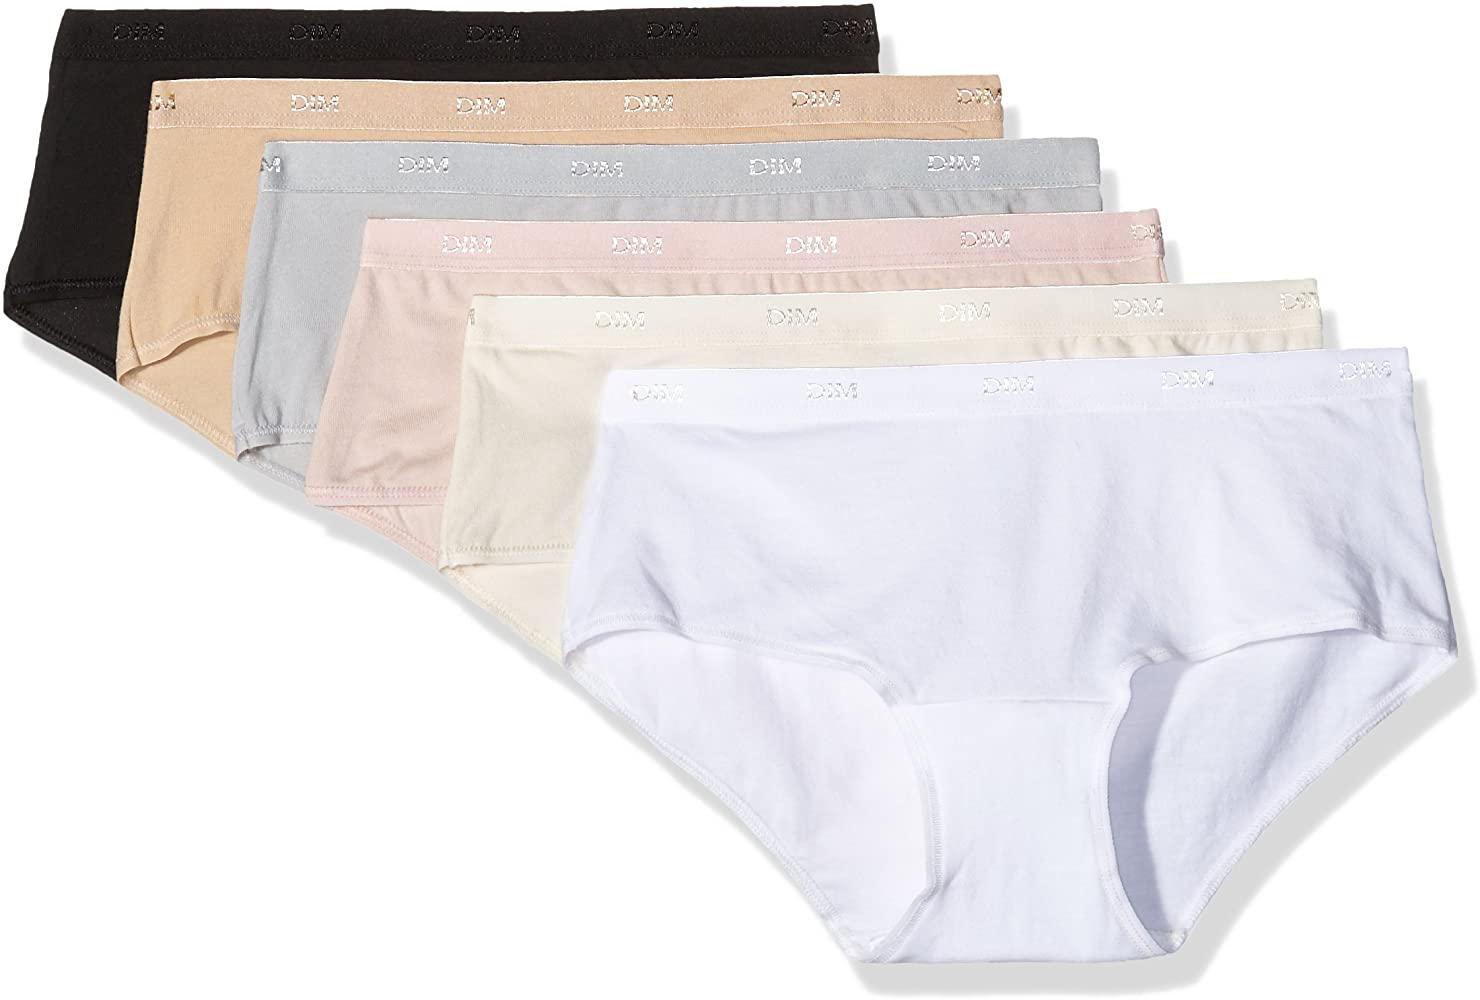 Dim Les Pocket Ecodim Boxer X6 Culotte, Multicolor (Lot Basique), 36 (Talla del Fabricante: 36 Taglia Produttore 36/38) (Pack de 6) para Mujer: Amazon.es: Ropa y accesorios